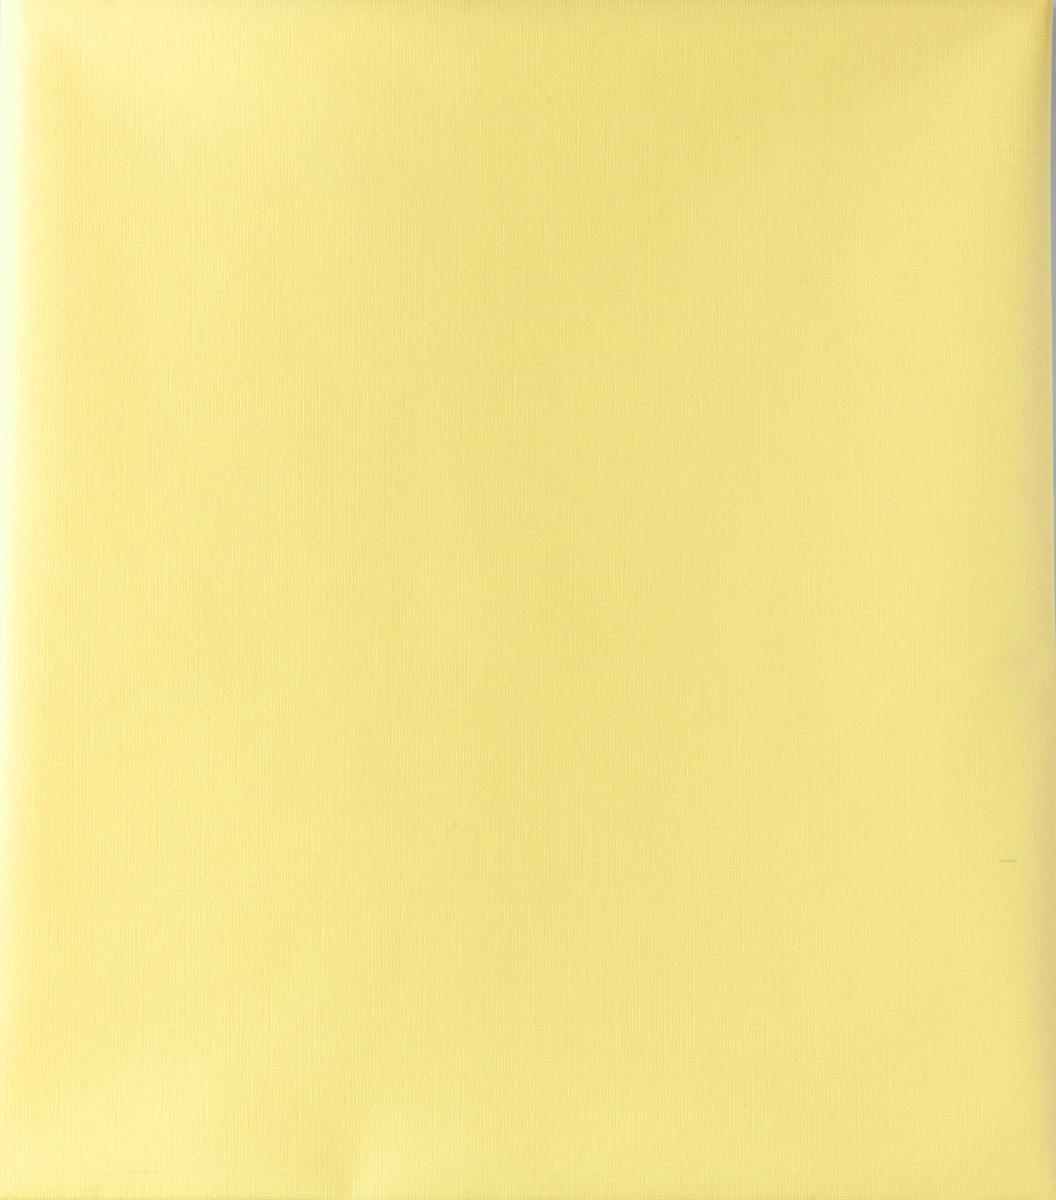 Колорит Клеенка подкладная без окантовки цвет желтый 50 х 70 см0052_желтыйКлеенка подкладная с ПВХ покрытием Колорит предназначена для санитарно-гигиенических целей в качестве подкладного материала в медицинской практике и в домашних условиях. ПВХ покрытие влагонепроницаемо и обладает эффектом теплоотдачи, что исключает эффект холодного прикосновения. Микропористая структура поливинилхлоридного покрытия способствует профилактике пролежней и трофических проявлений.